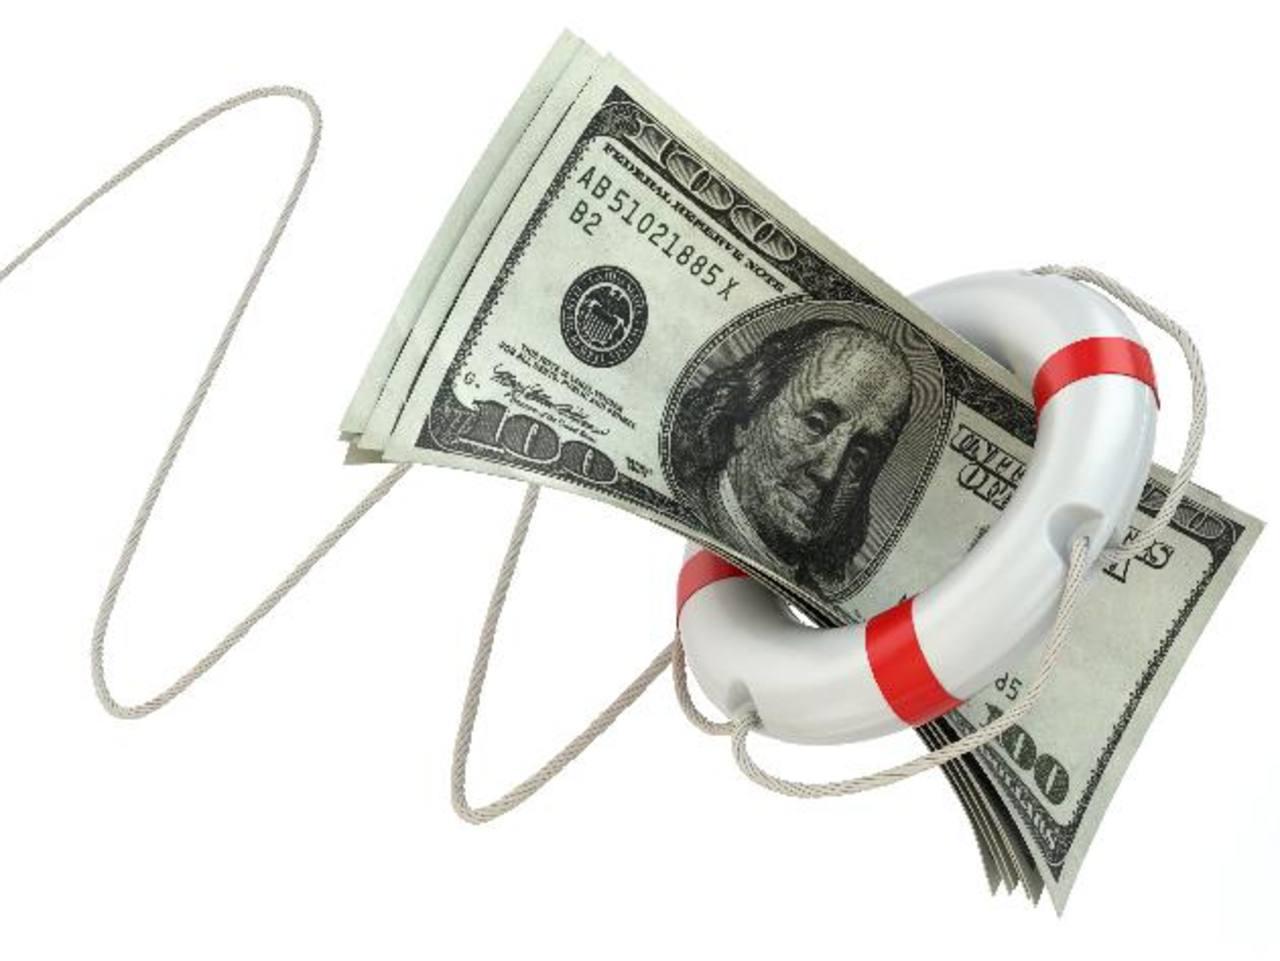 Los seguros de vida cada vez se diversifican a la medida del mercado de clientes VIP. CRÉDITO DE FOTO /archivo